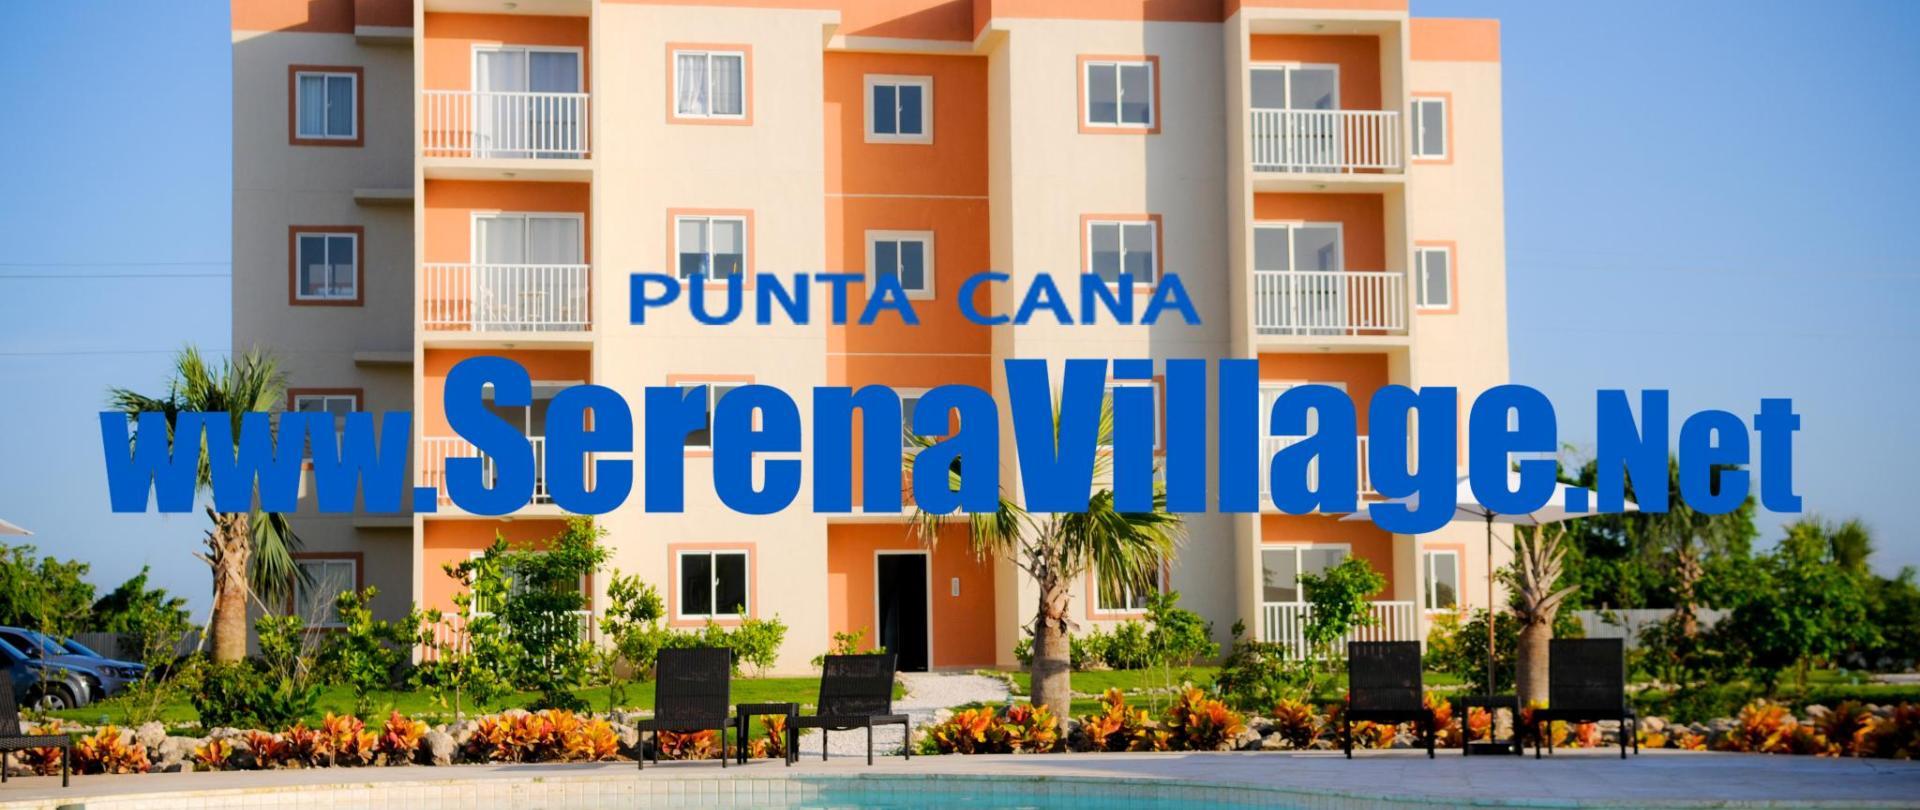 Serena Village.jpg